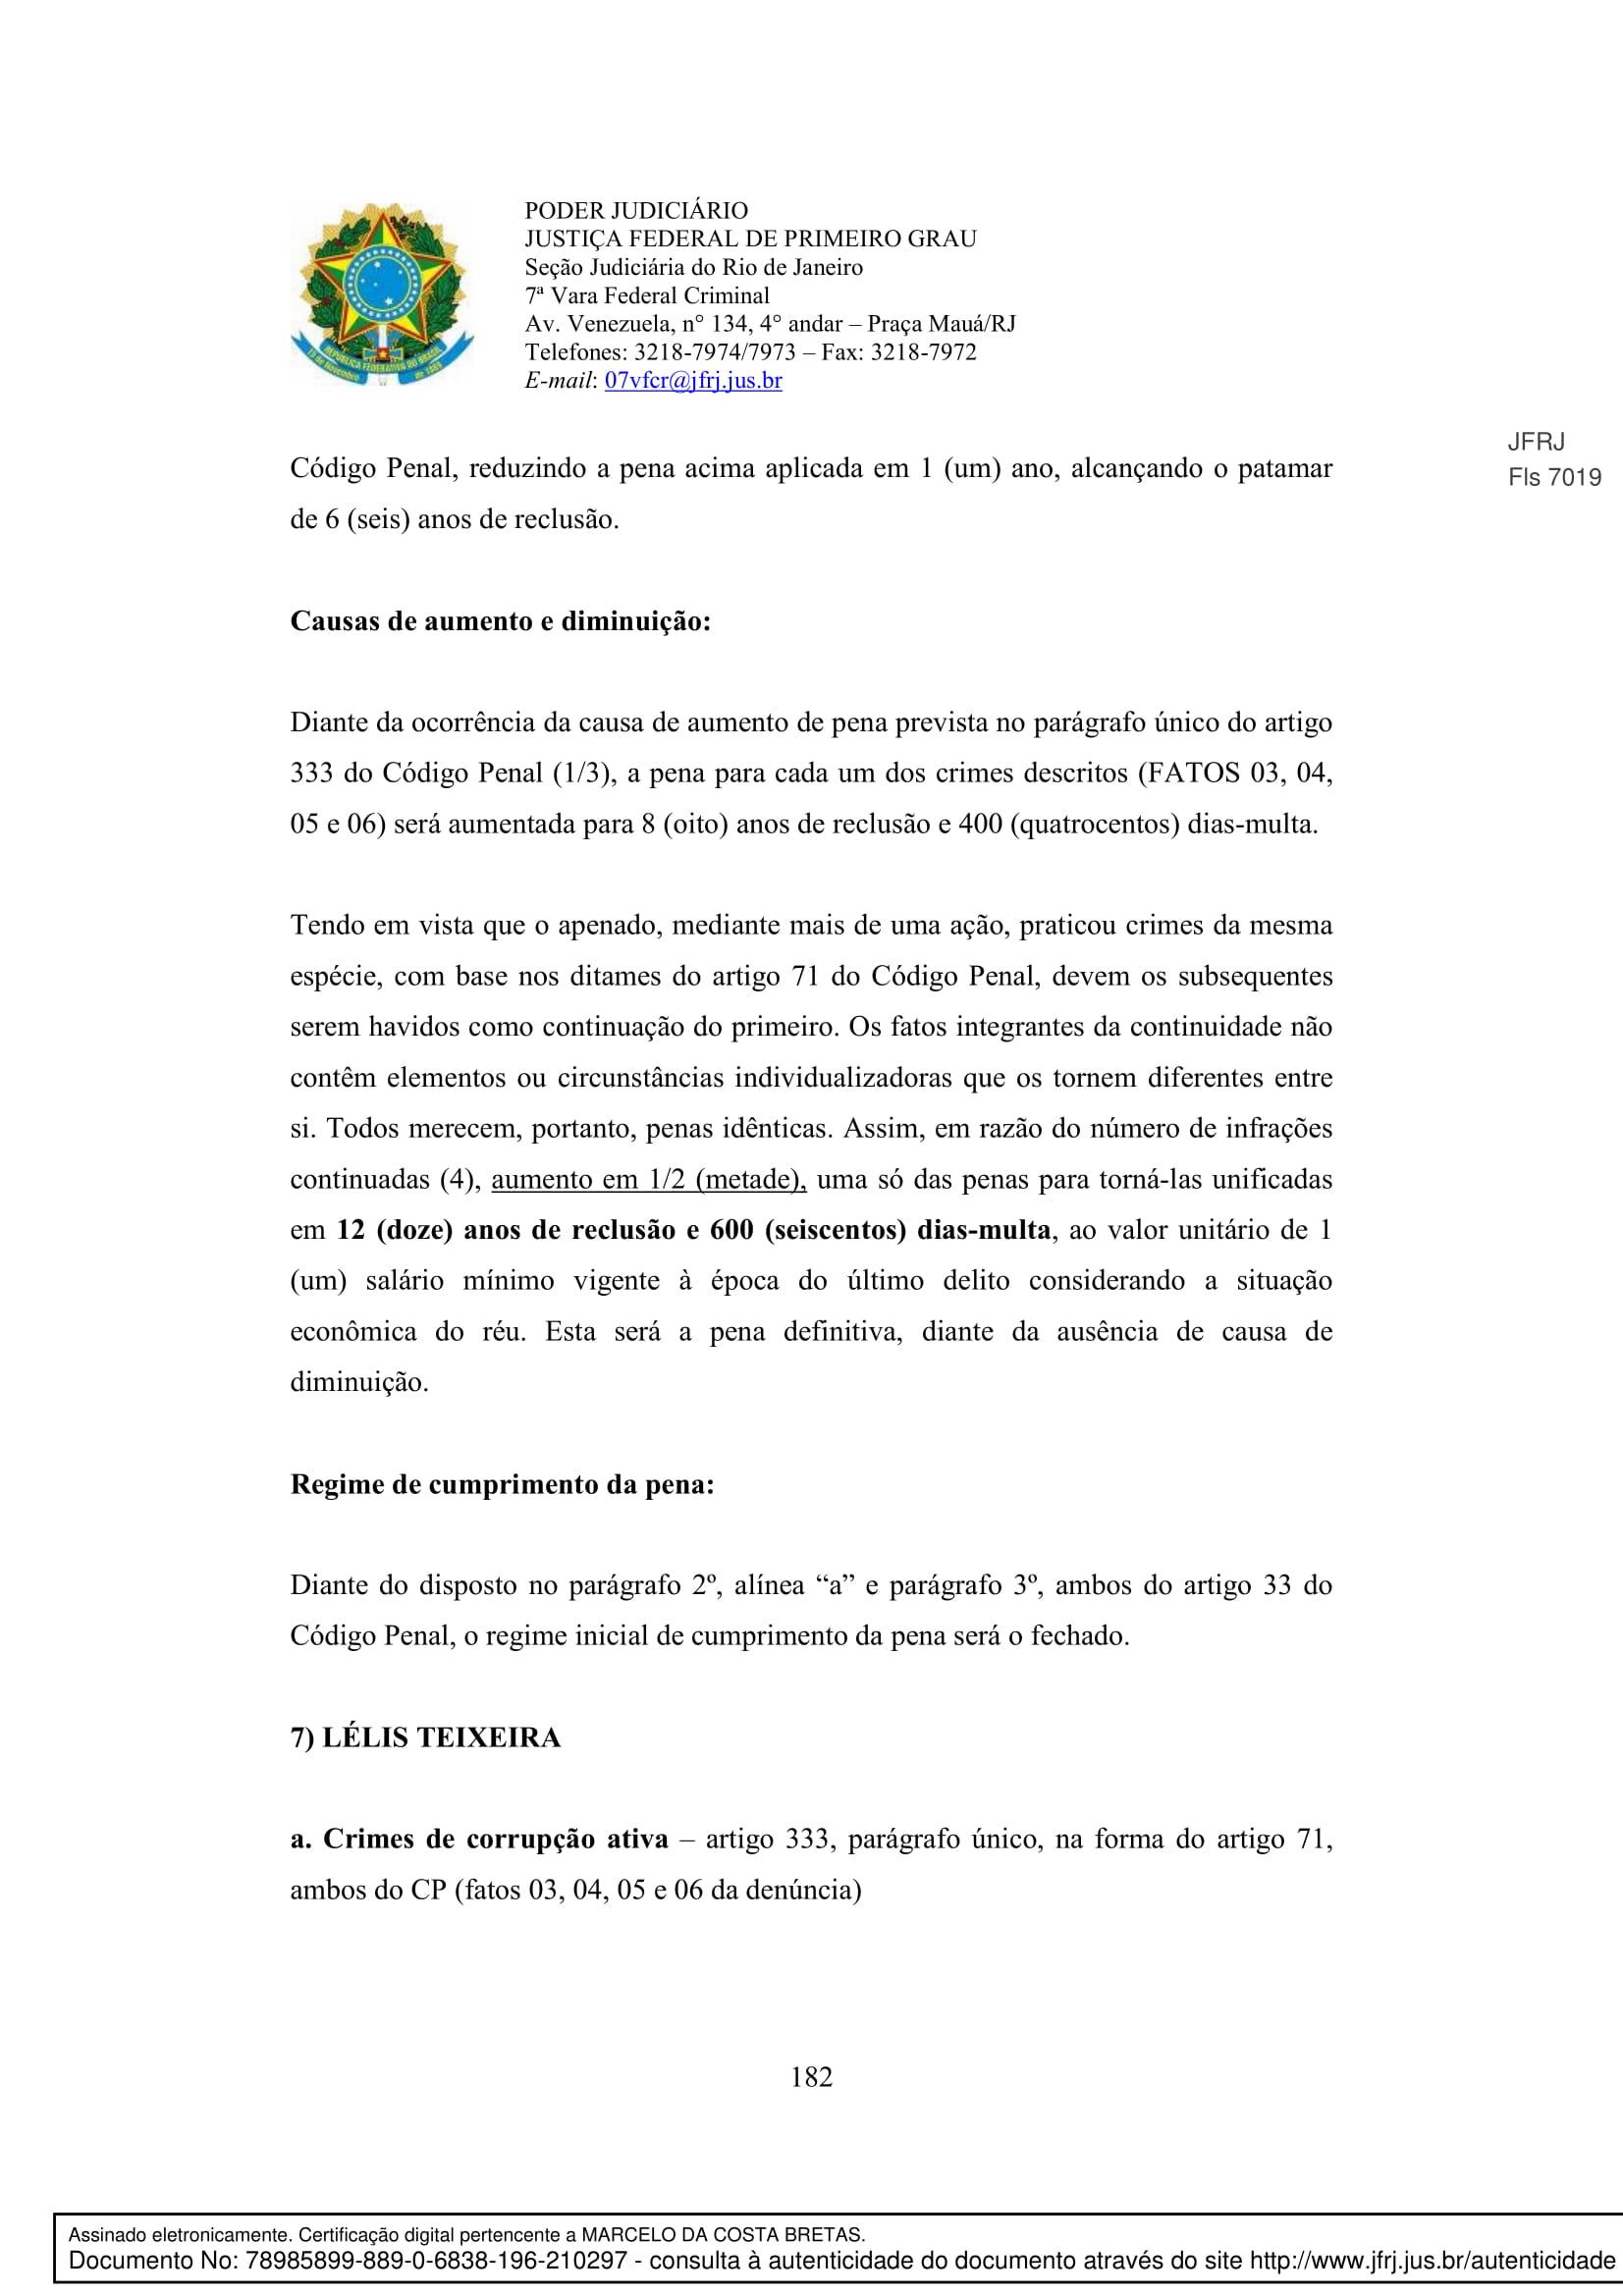 Sentenca-Cadeia-Velha-7VFC-182